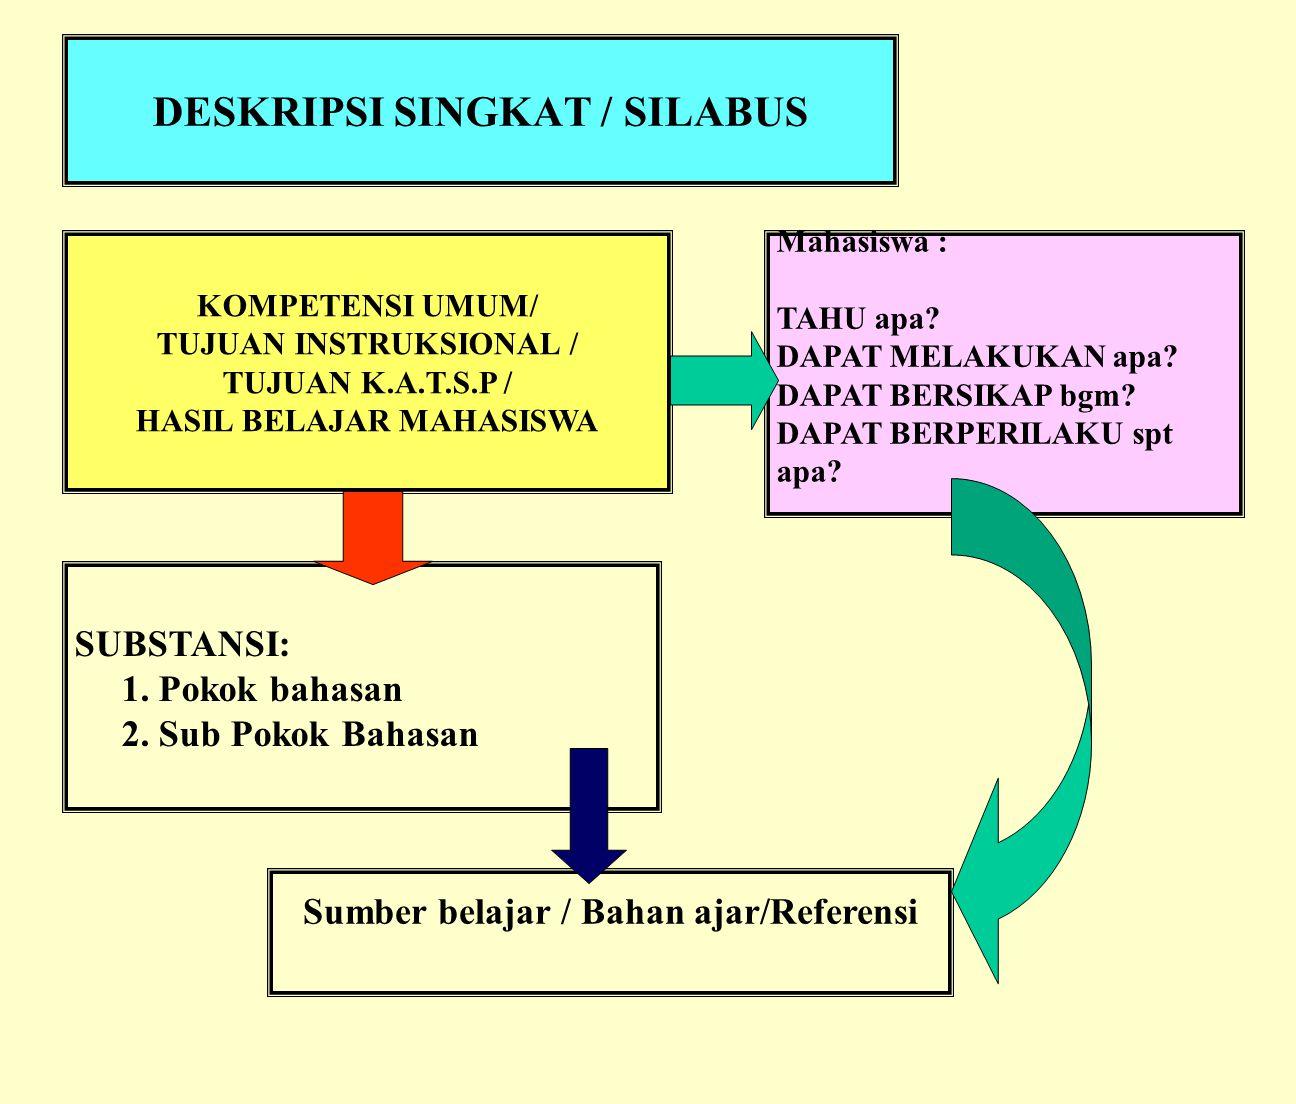 DESKRIPSI SINGKAT (SILABUS) G.B.P.P. S. A. P. LECTURE NOTES / Hand Out BAHAN AJAR / REFERENSI Kegiatan Akademik Terstruktur dengan Sistem Paket